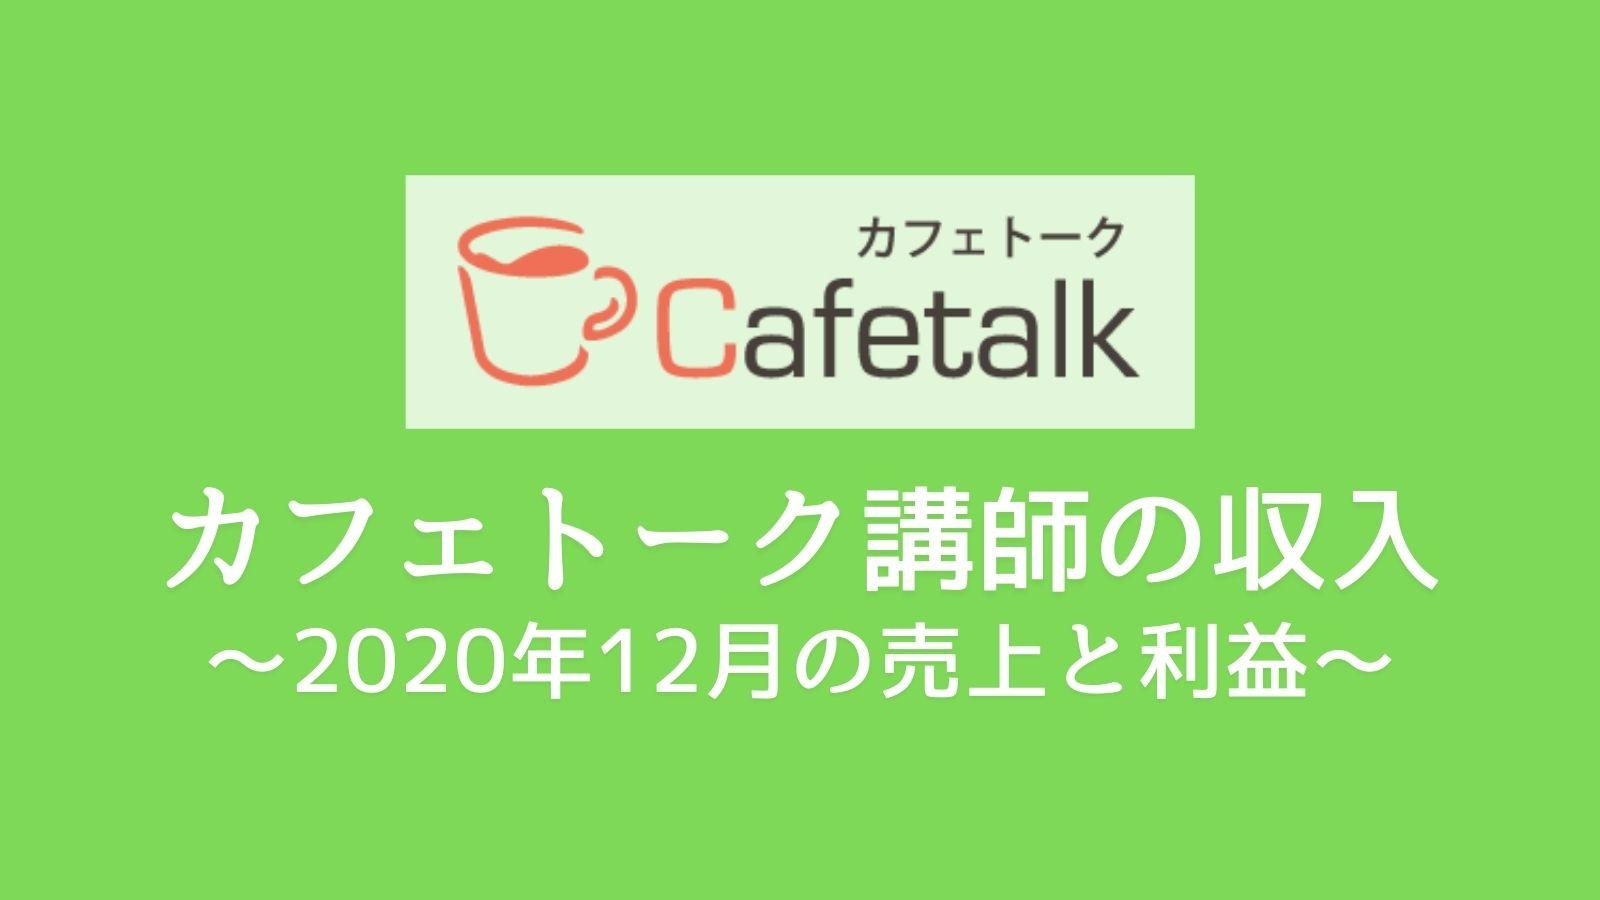 2020年12月のカフェトーク講師収入